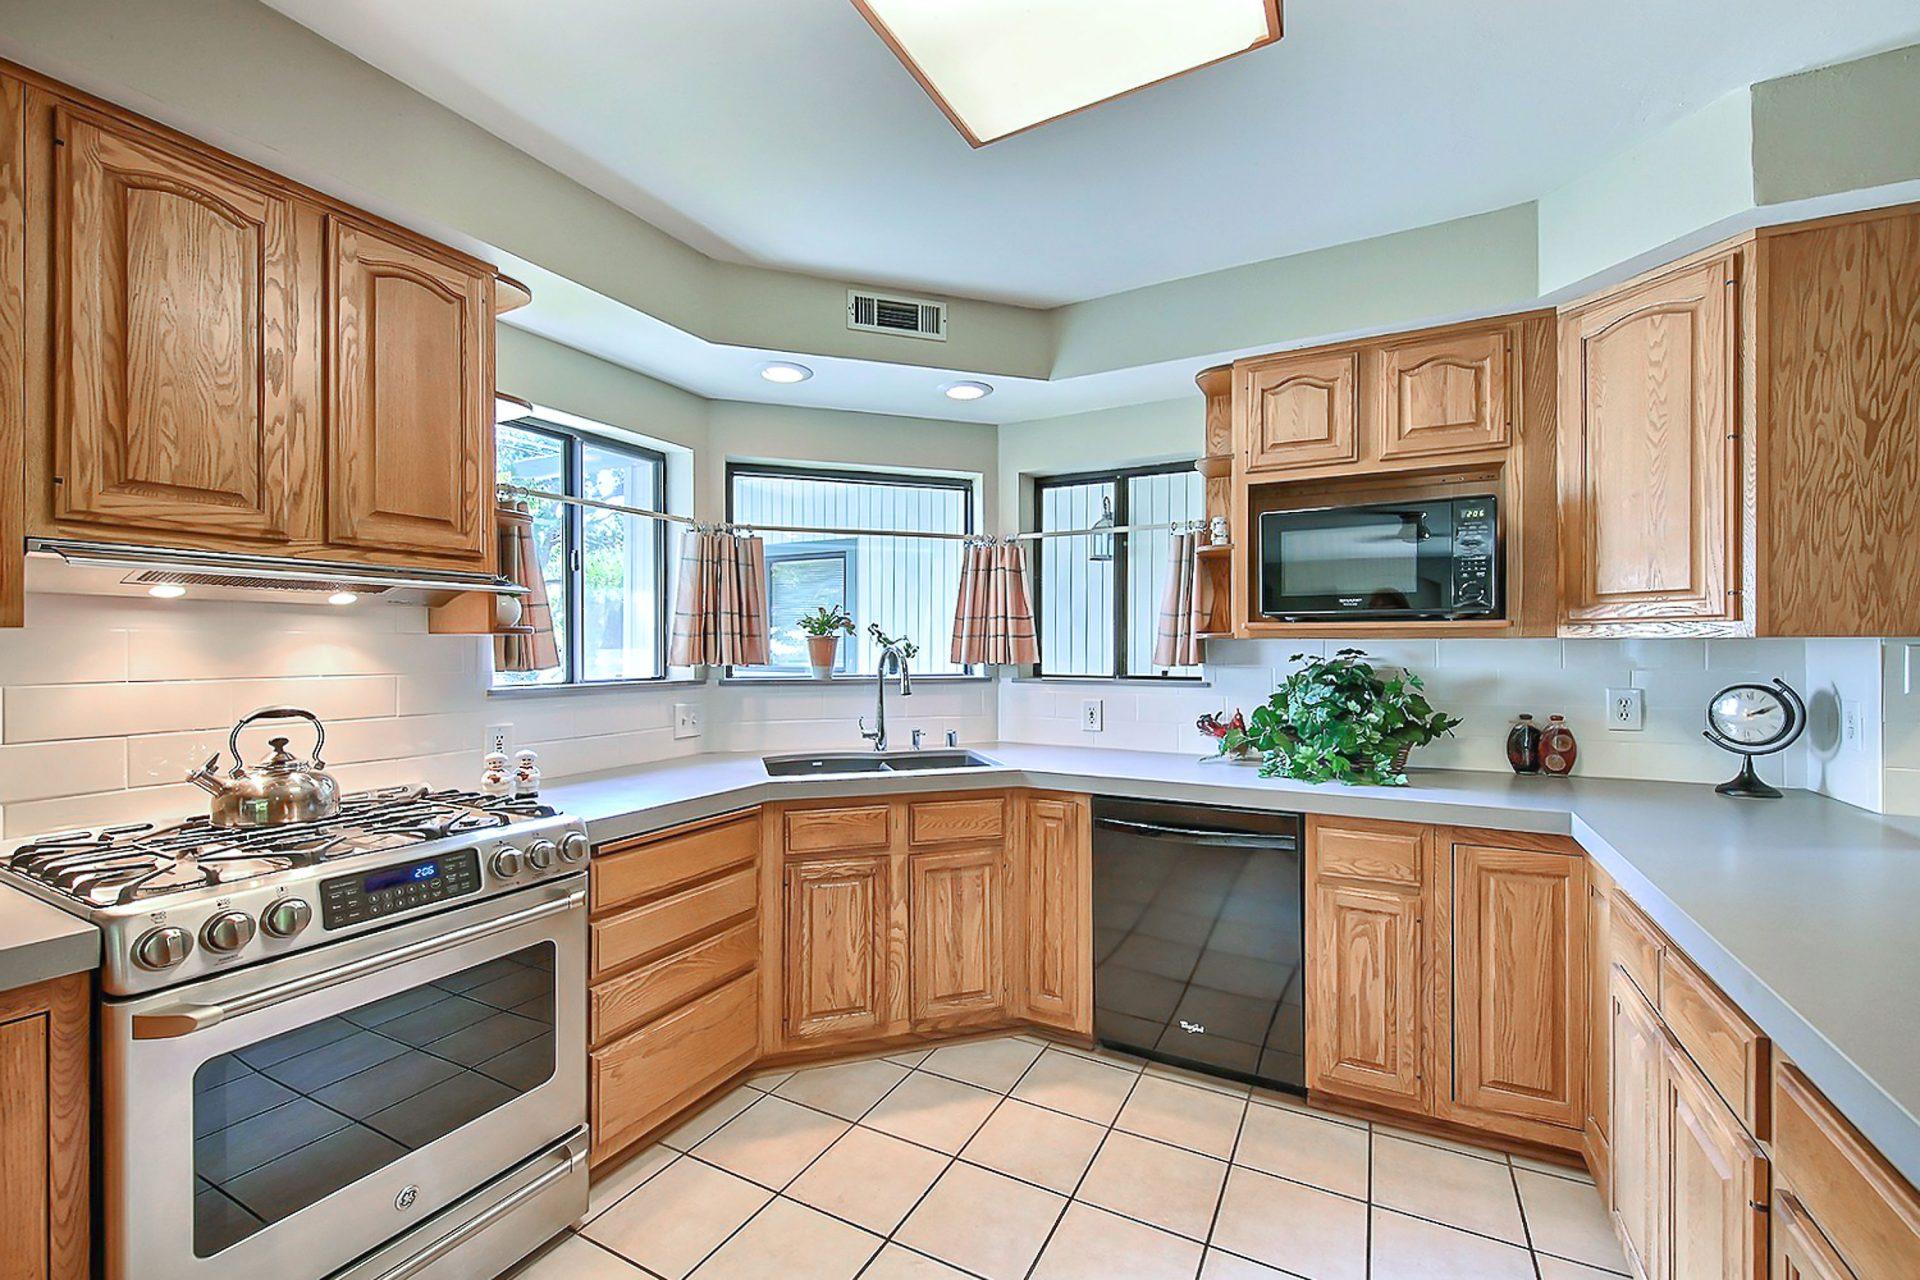 Kitchen area updated